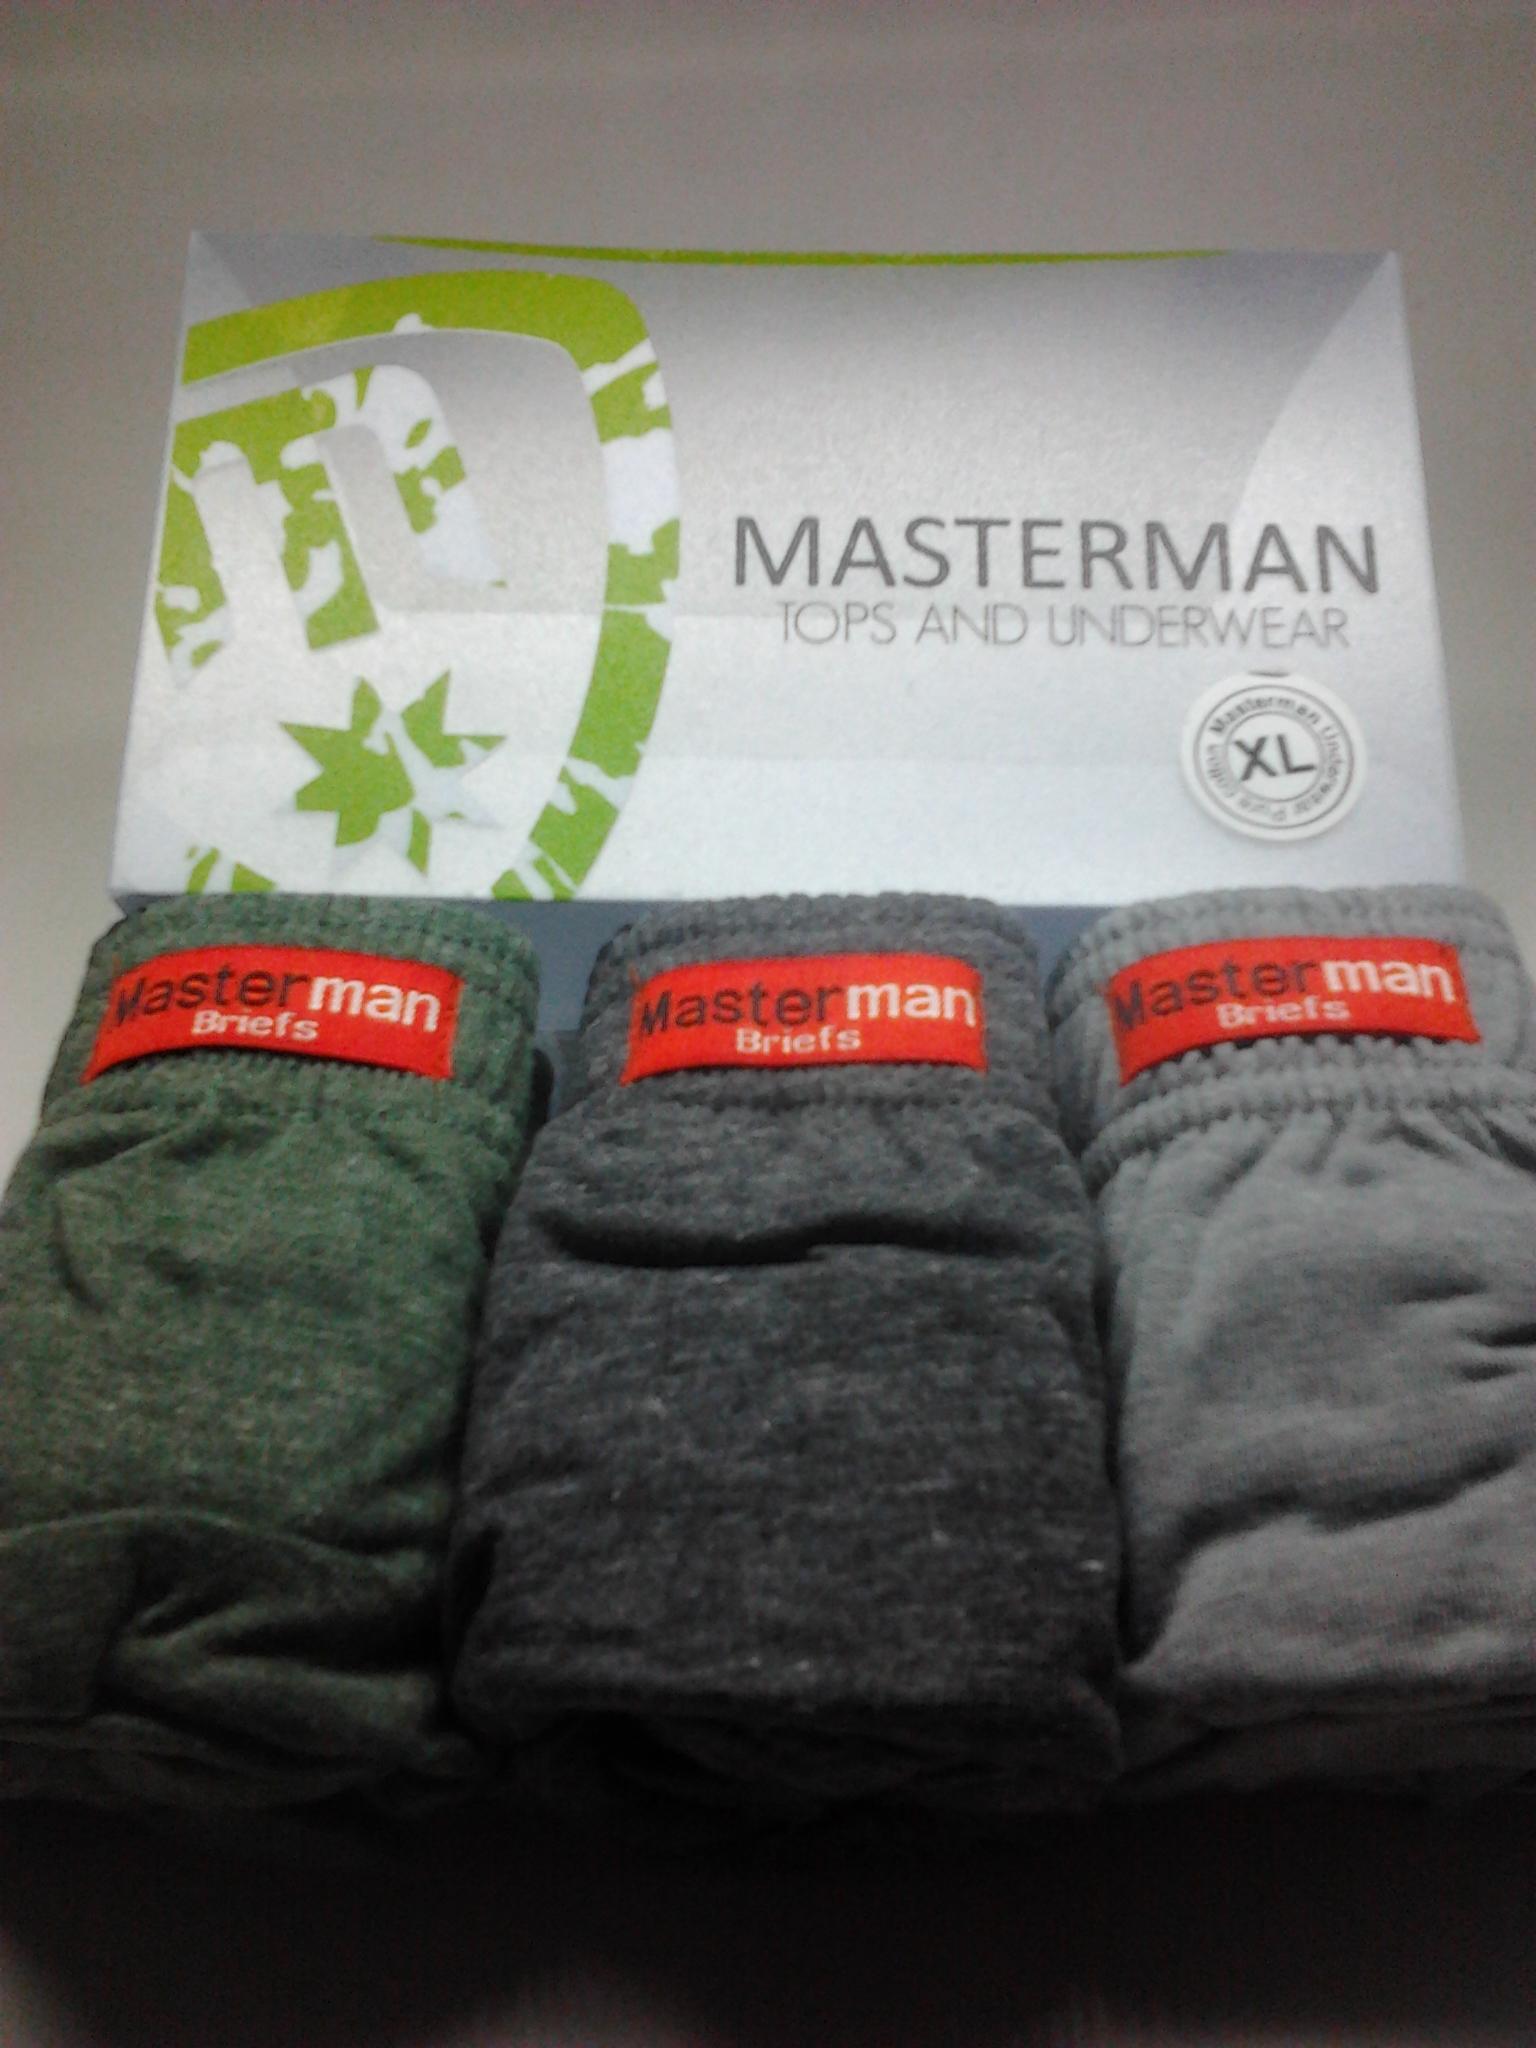 Jual Celana Dalam Pria Masterman Underware Pakaian Cd Pasar Bandung Online Tokopedia